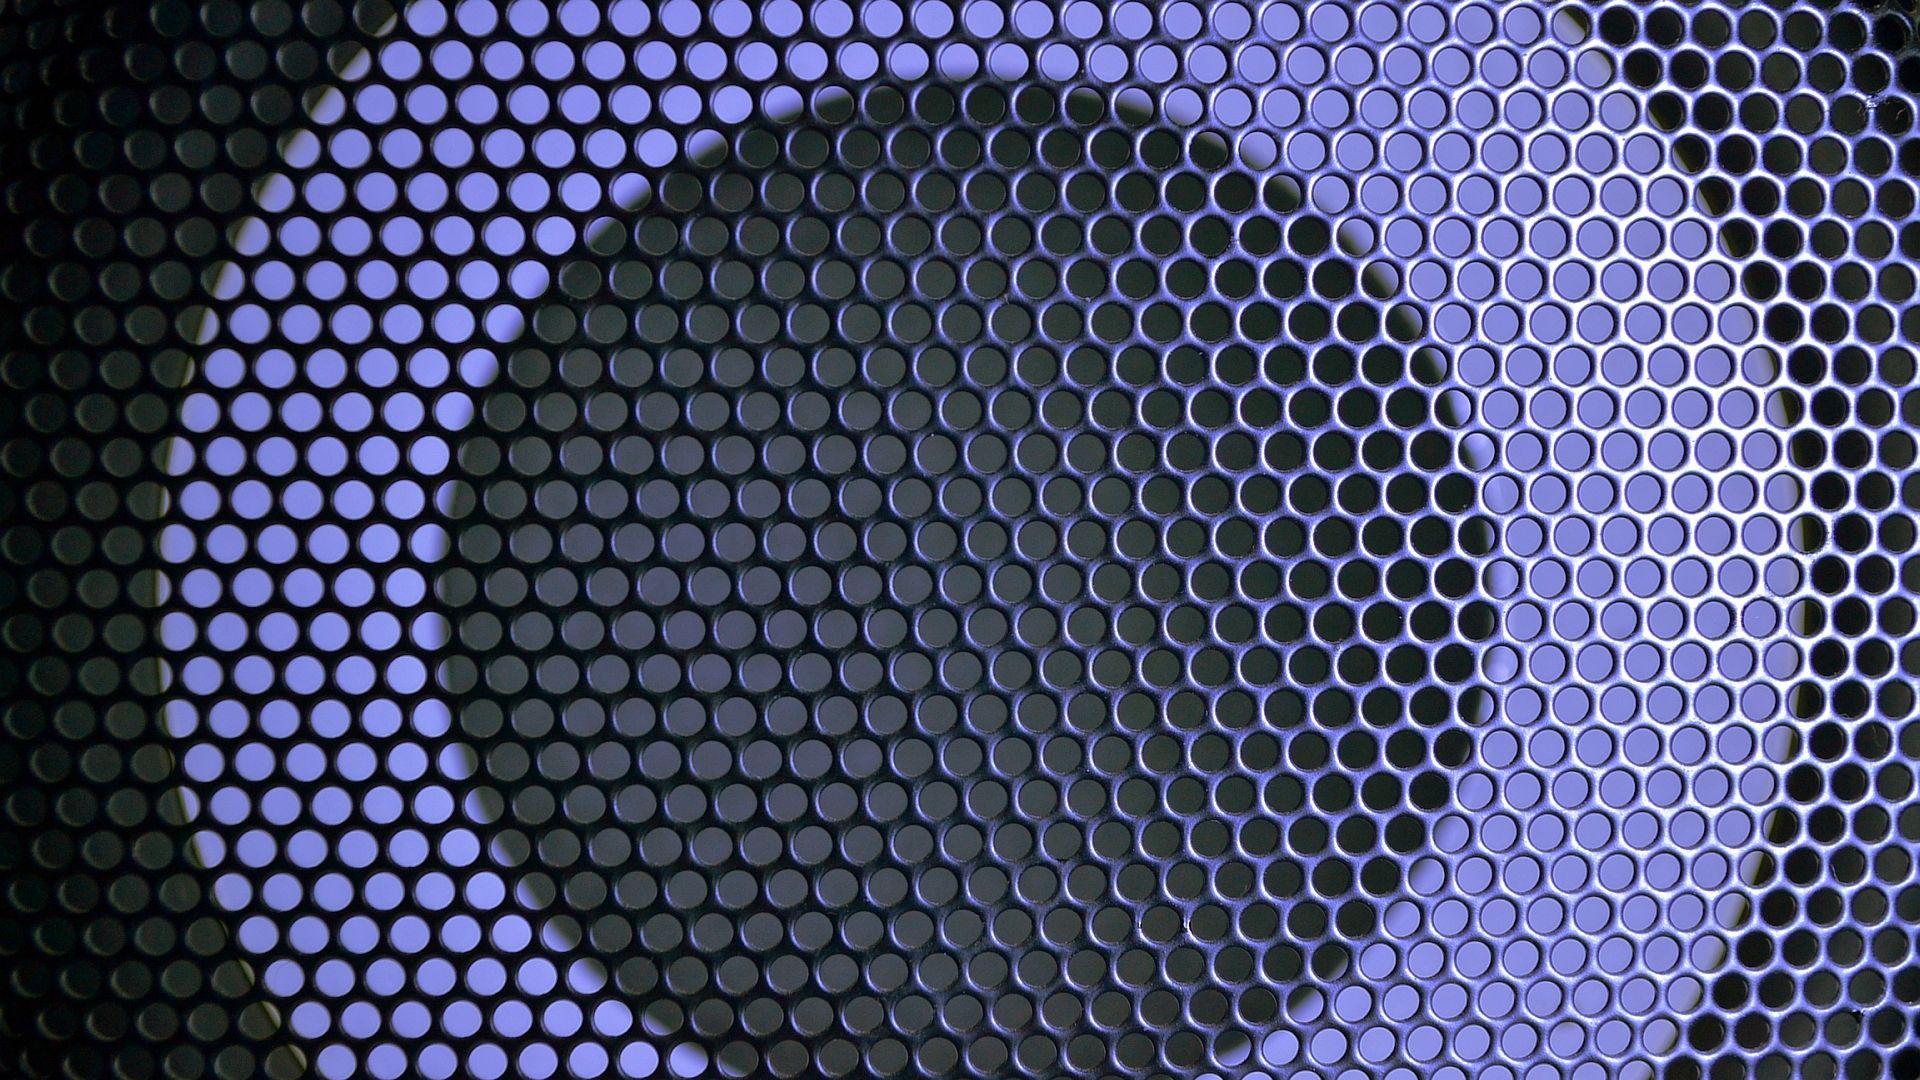 グーグルが超格安チップでも動く音声認識アルゴリズムを開発中